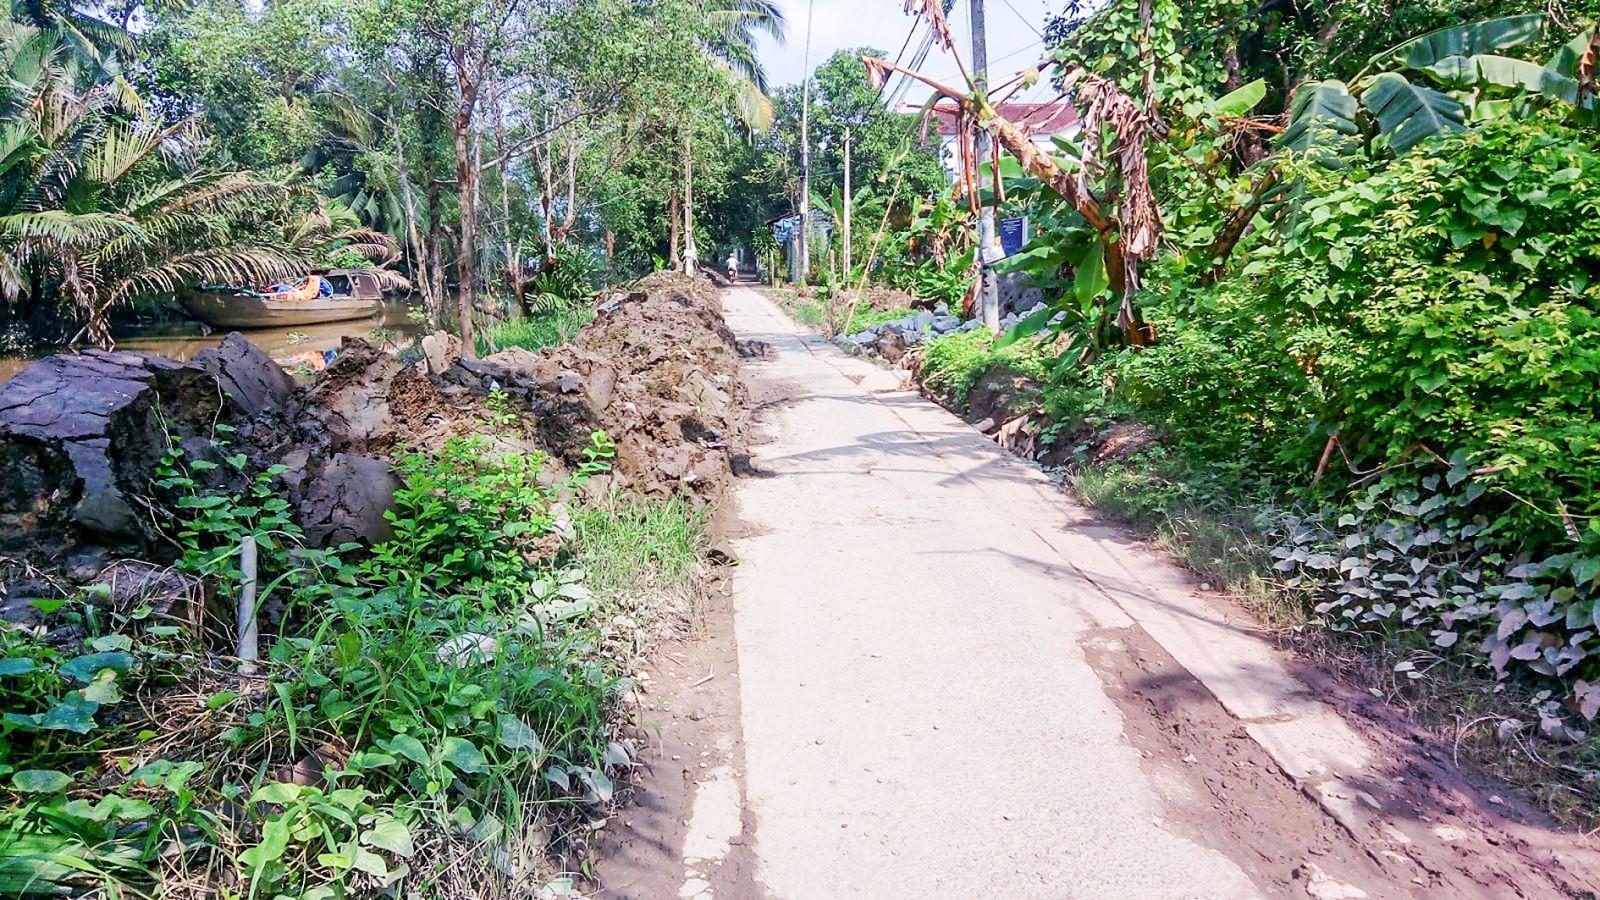 Quận Bình Thủy tăng cường tôn cao đê bao, sửa chữa và nâng cấp mặt đường thường xuyên bị ngập sâu do triều cường.